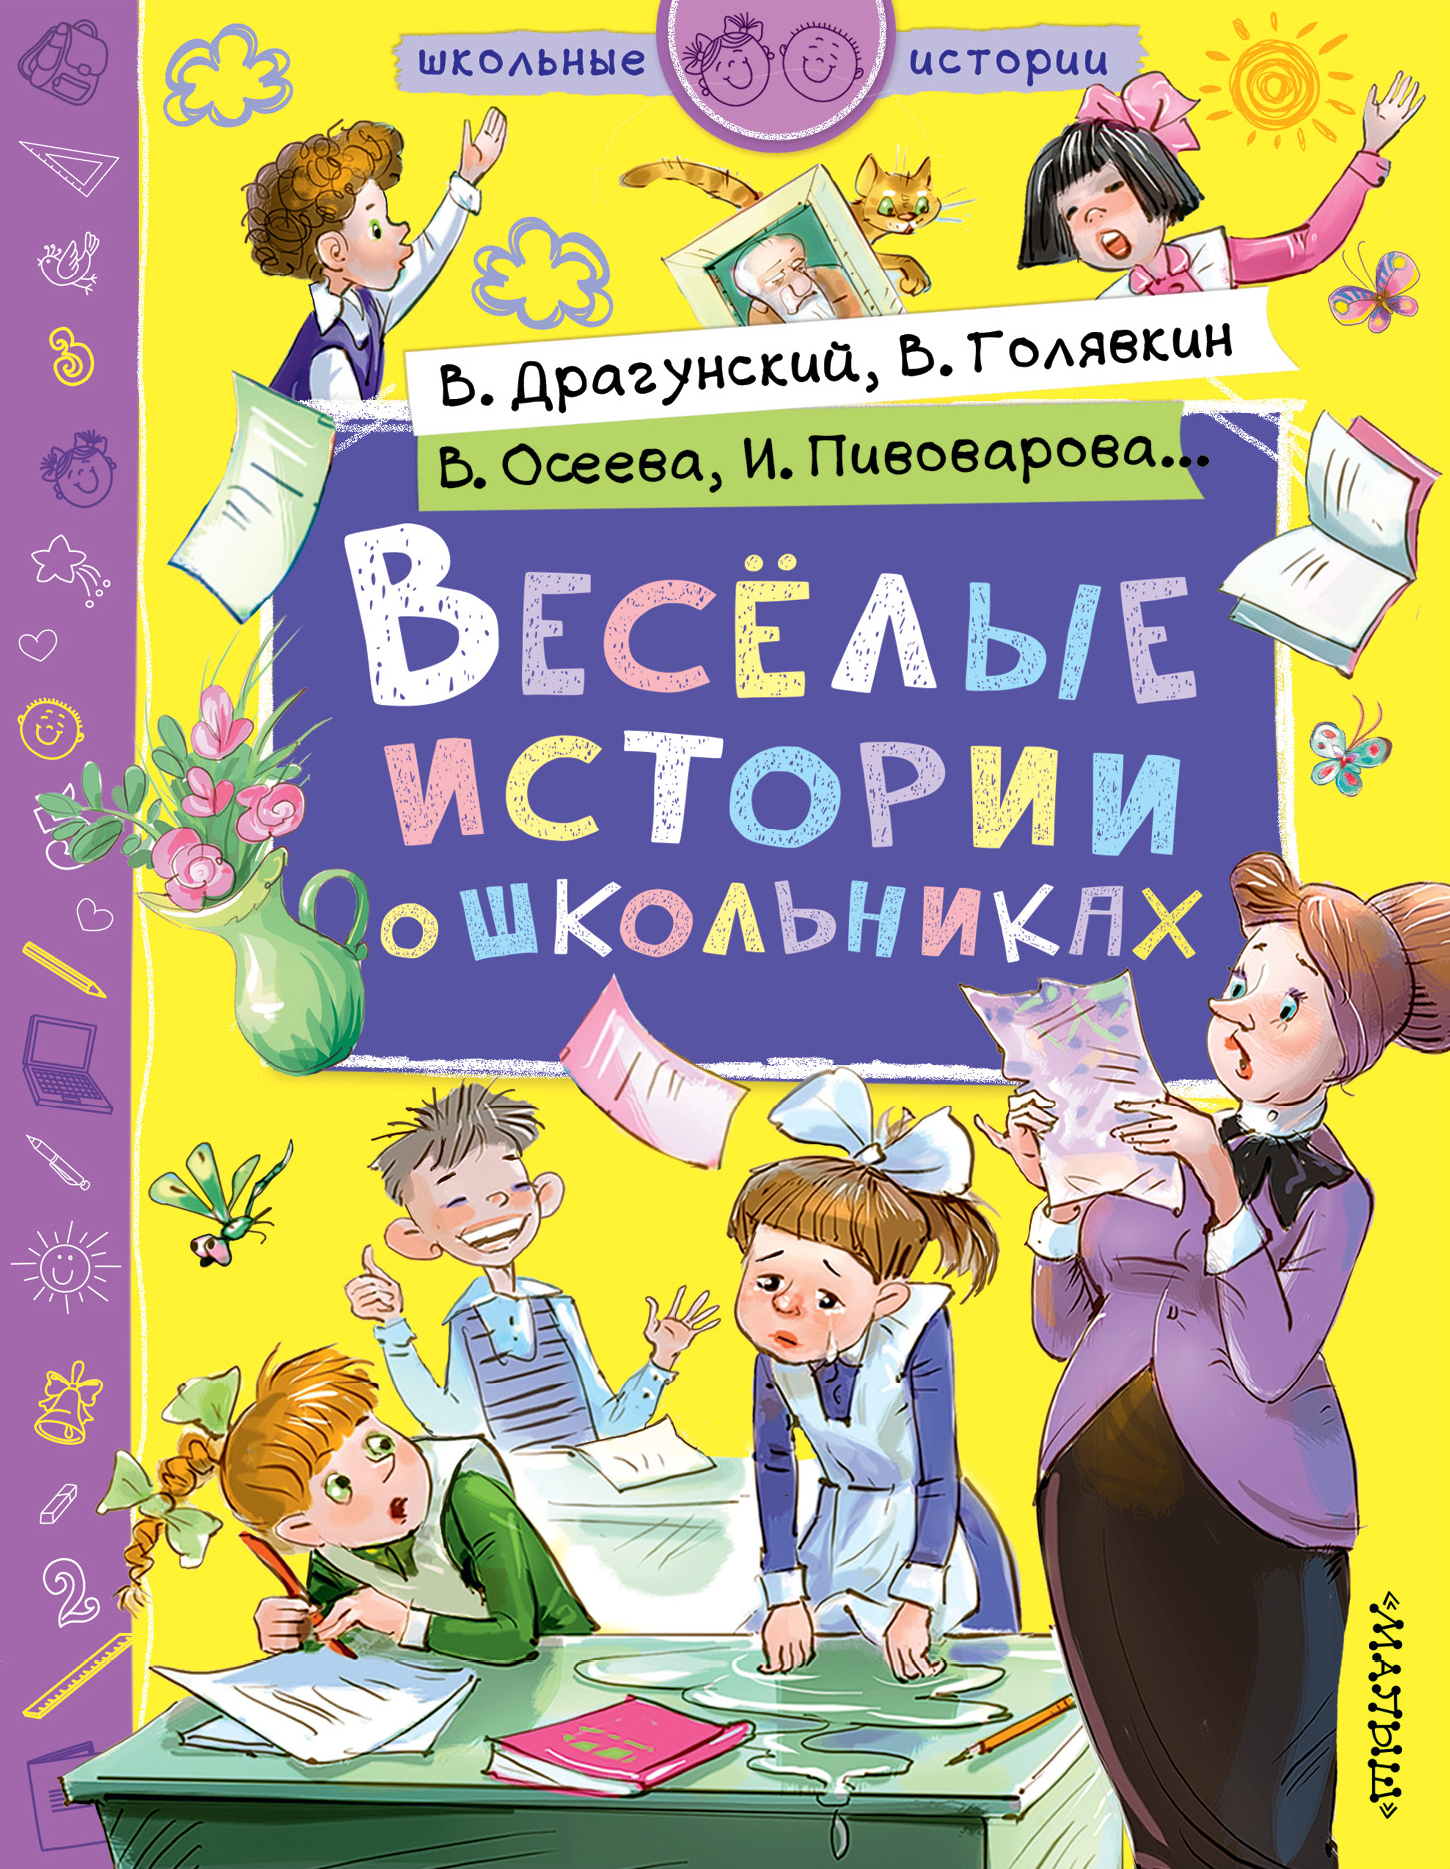 Драгунский В., Голявкин В., Осеева В., Пивоварова И., Антонова И. Веселые истории о школьниках